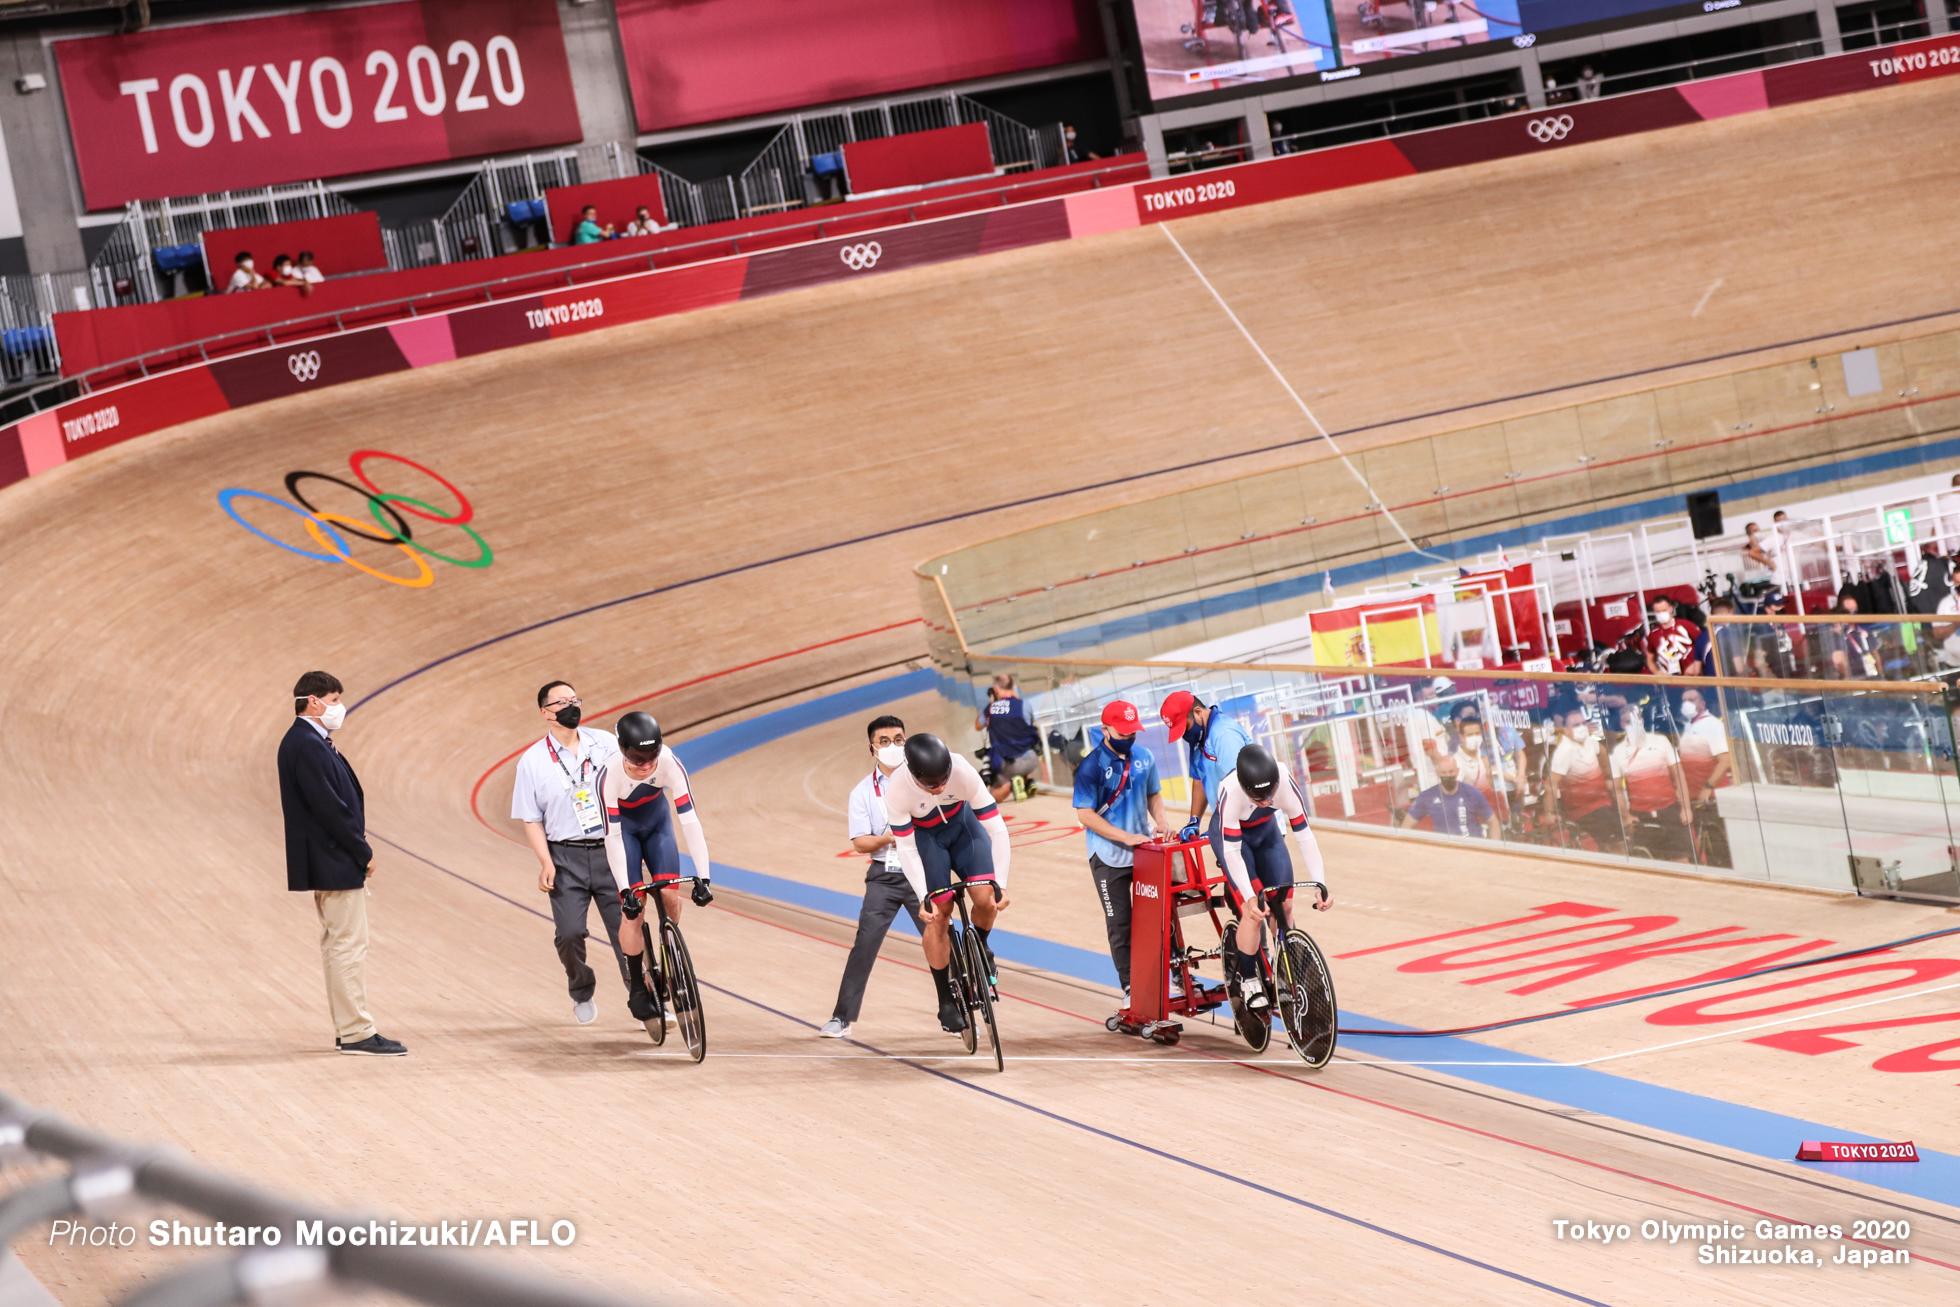 イワン・グラディシェフ Ivan Gladyshev (ROC), デニス・ドミトリエフ Denis Dmitriev (ROC), パべル・ヤクシェフスキー Pavel Yakushevskiy (ROC), Men's Team Sprint Final 5-6 AUGUST 3, 2021 - Cycling : during the Tokyo 2020 Olympic Games at the Izu Velodrome in Shizuoka, Japan. (Photo by Shutaro Mochizuki/AFLO)